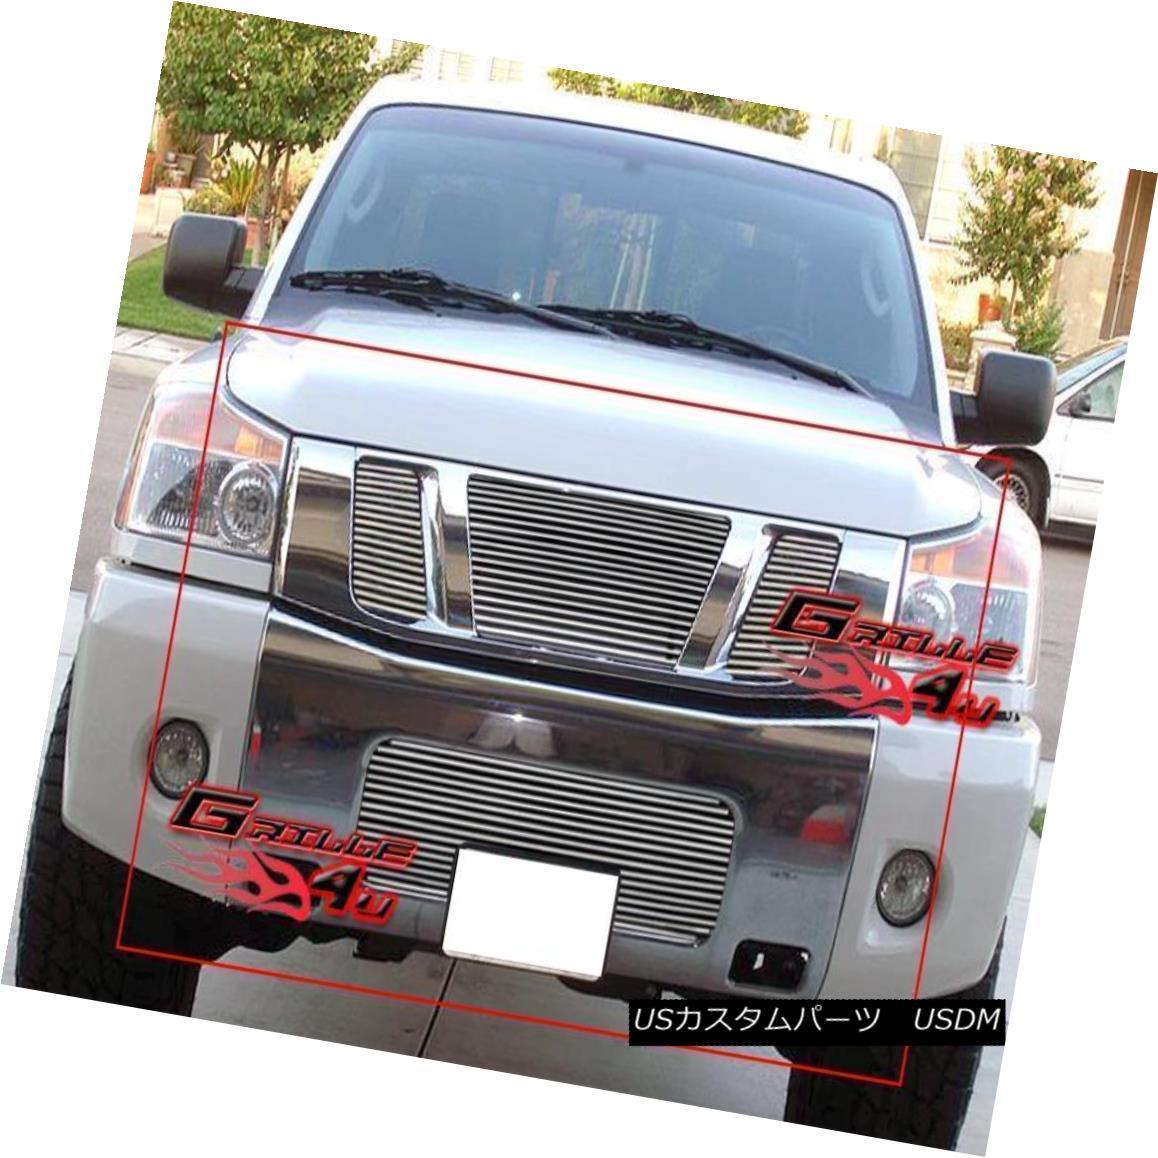 グリル Fits 08-14 2014 Nissan Titan Billet Grille Combo Upper+Lower フィッツ08-14 2014 Nissan Titan Billet Grille Combo Upper + Lower